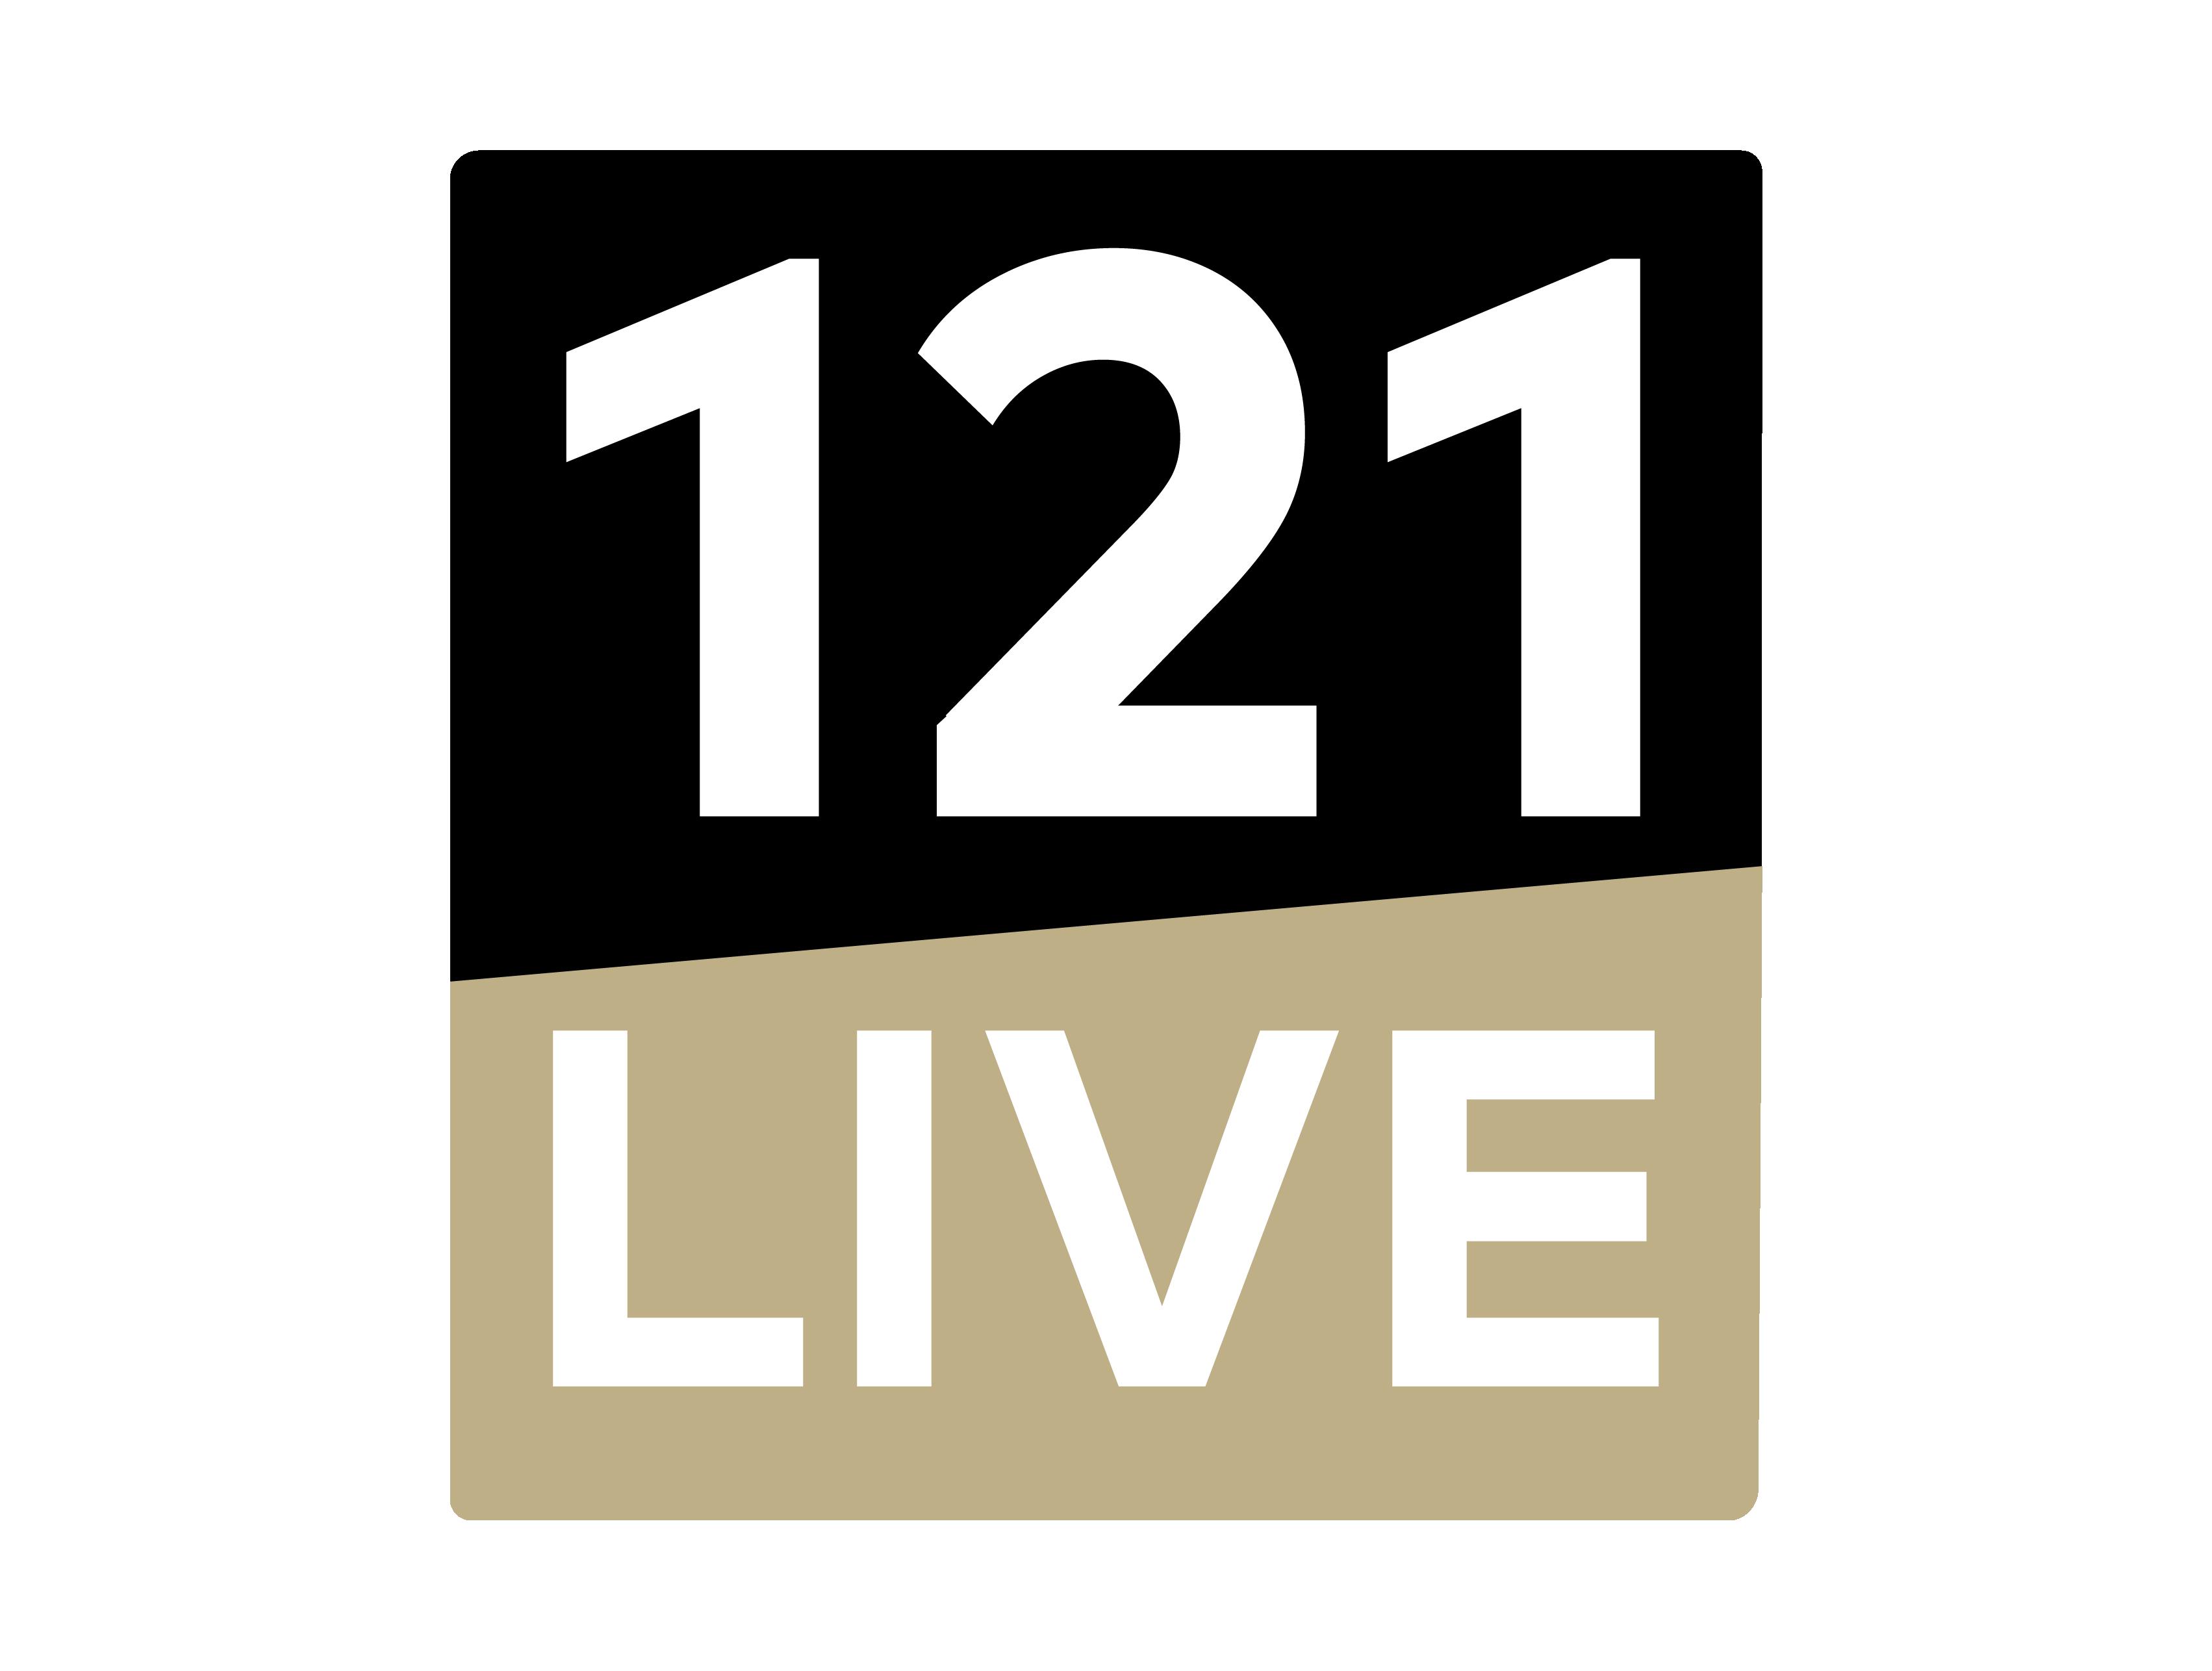 Century 21 - 121 LIVE